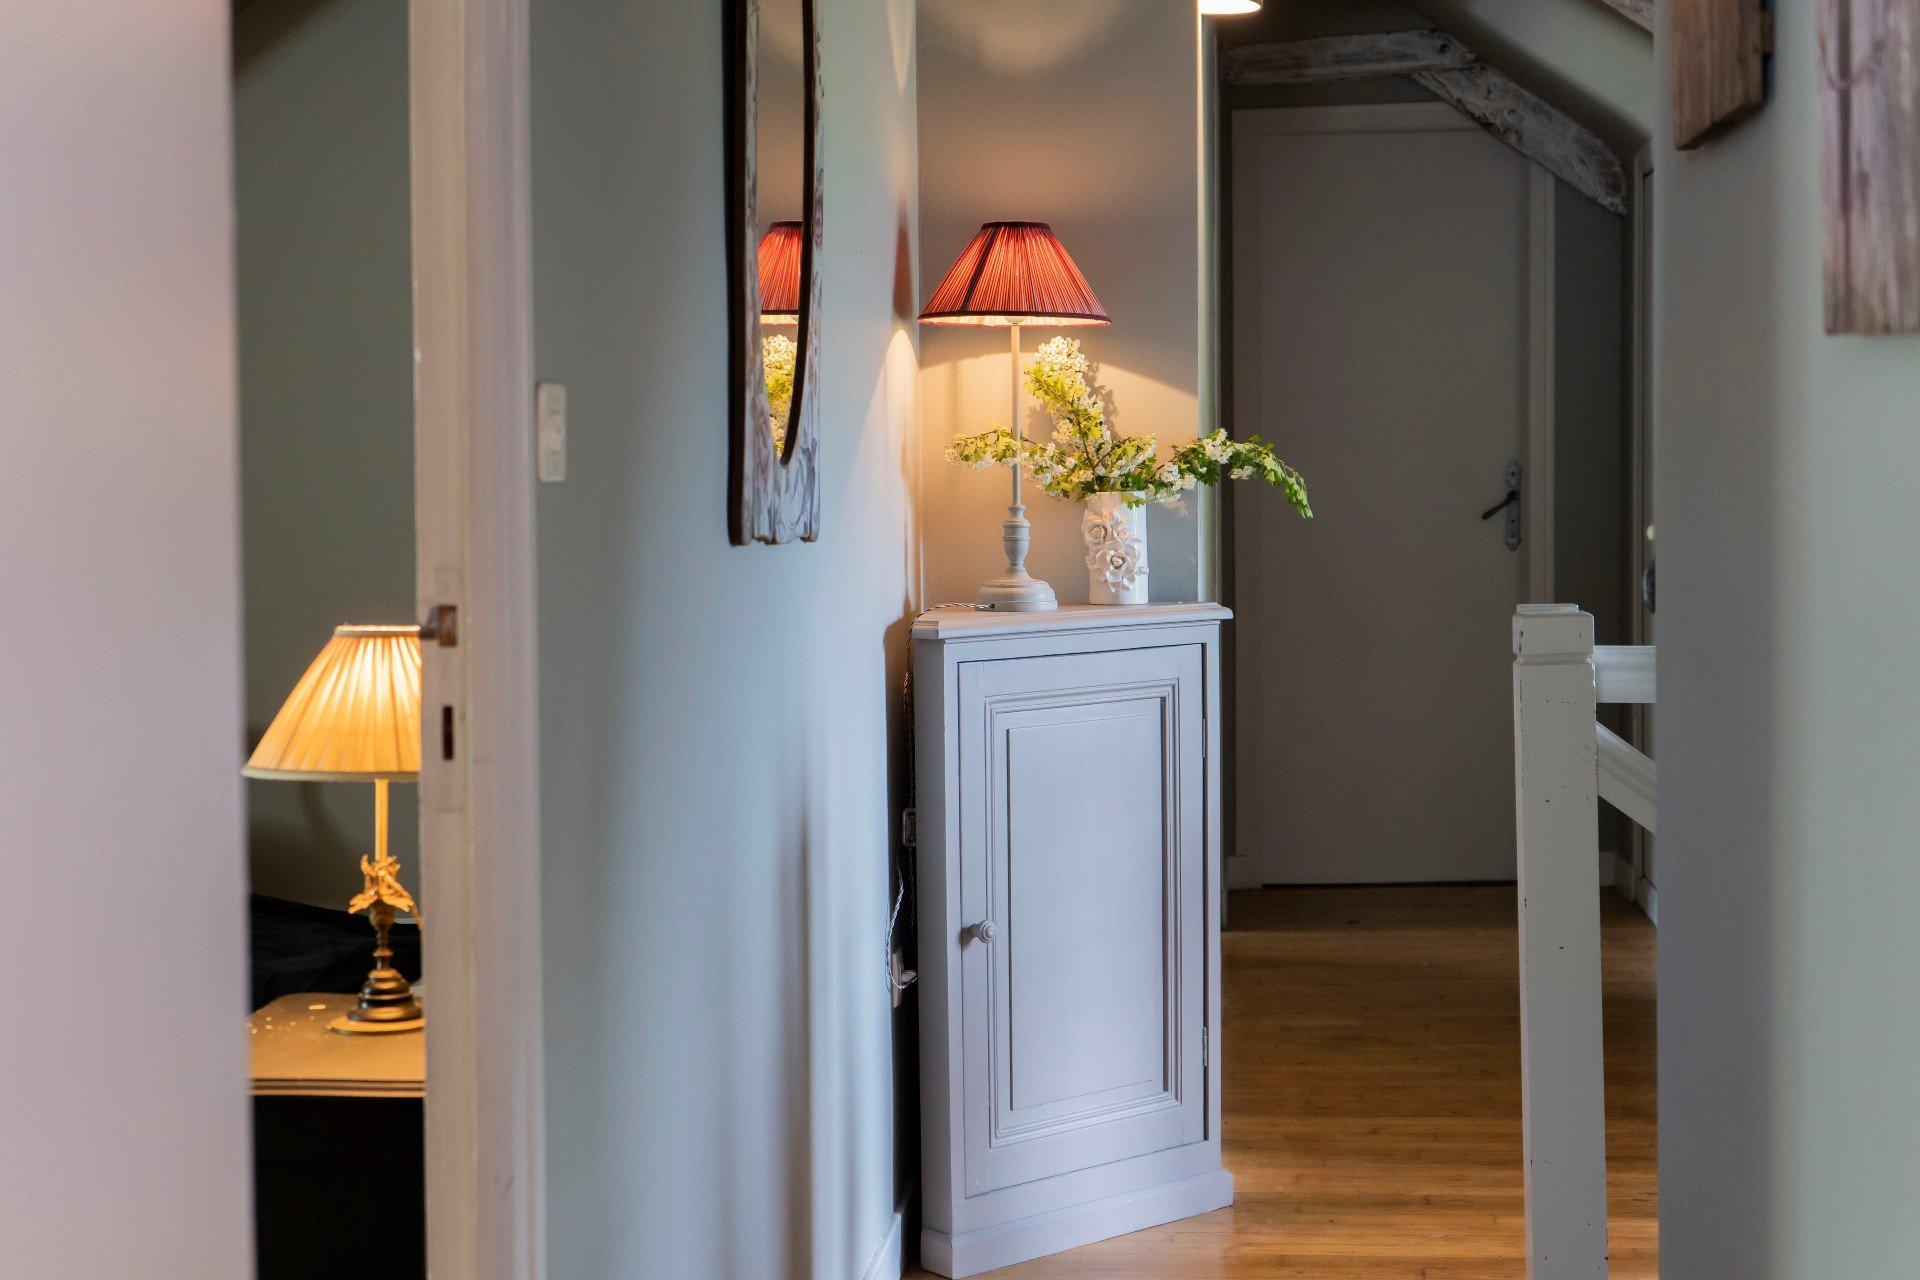 couloir étage gite hortense qui dessert 3 chambressgrand gite du amnoir